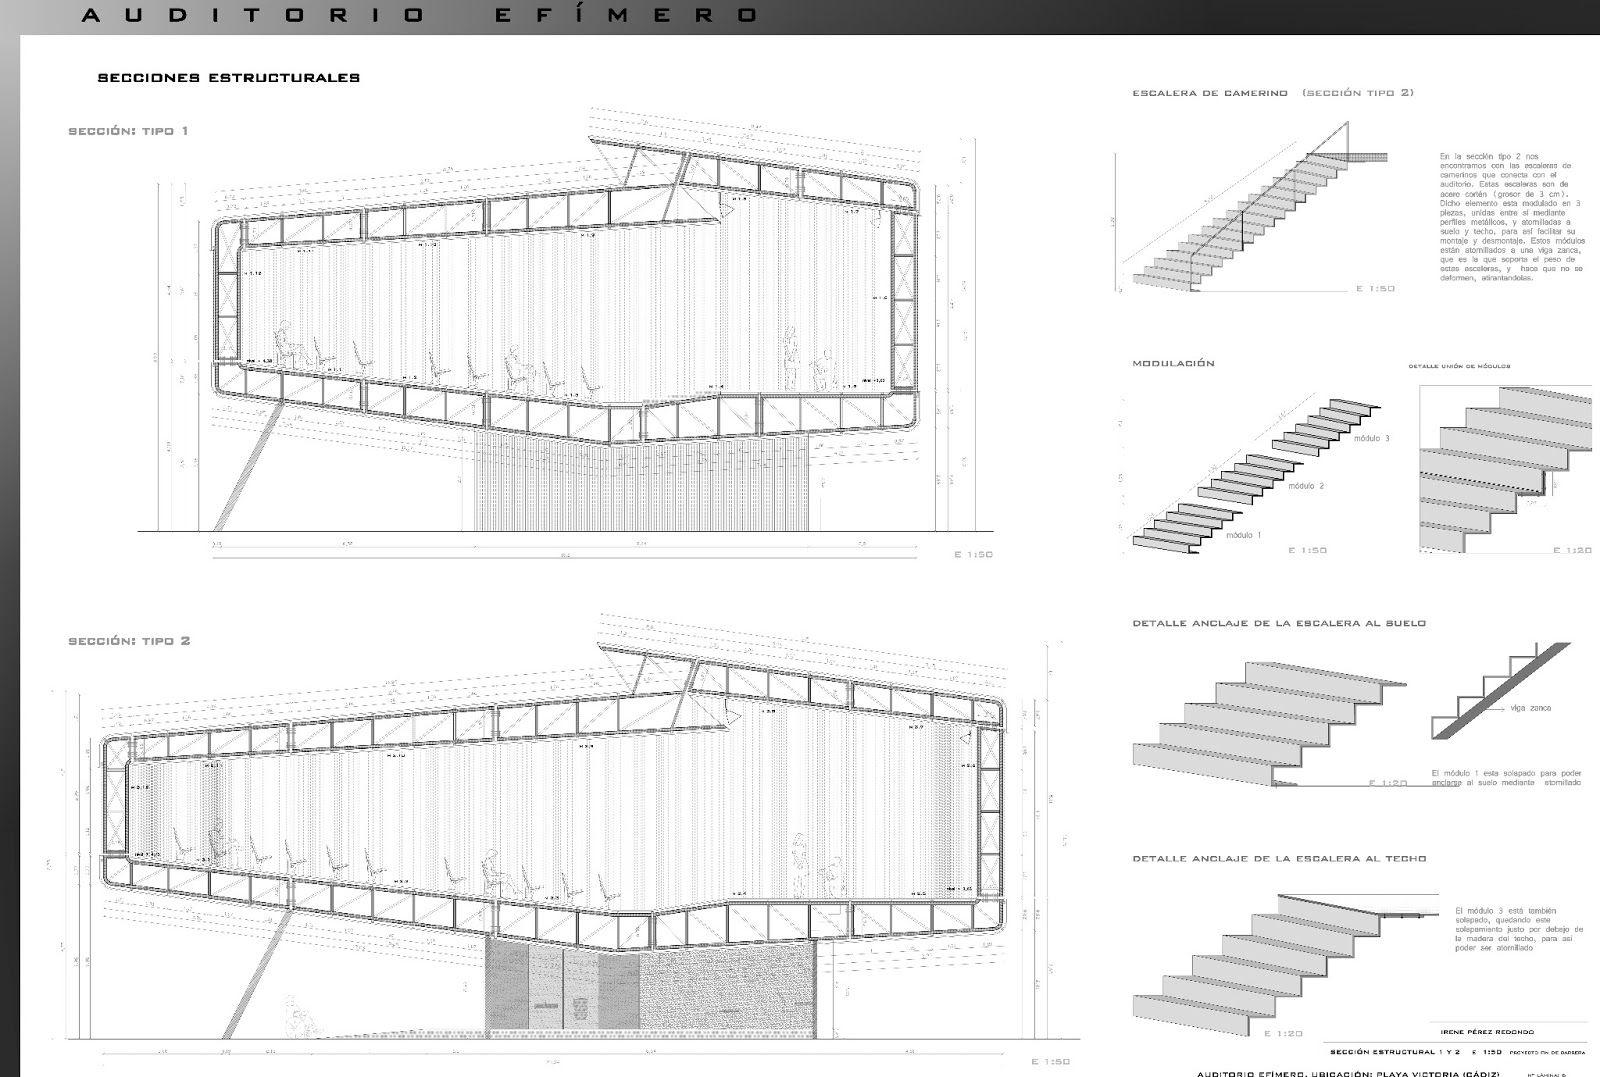 Dise o decoraci n y reformas de espacios interiores for Diseno decoracion espacios